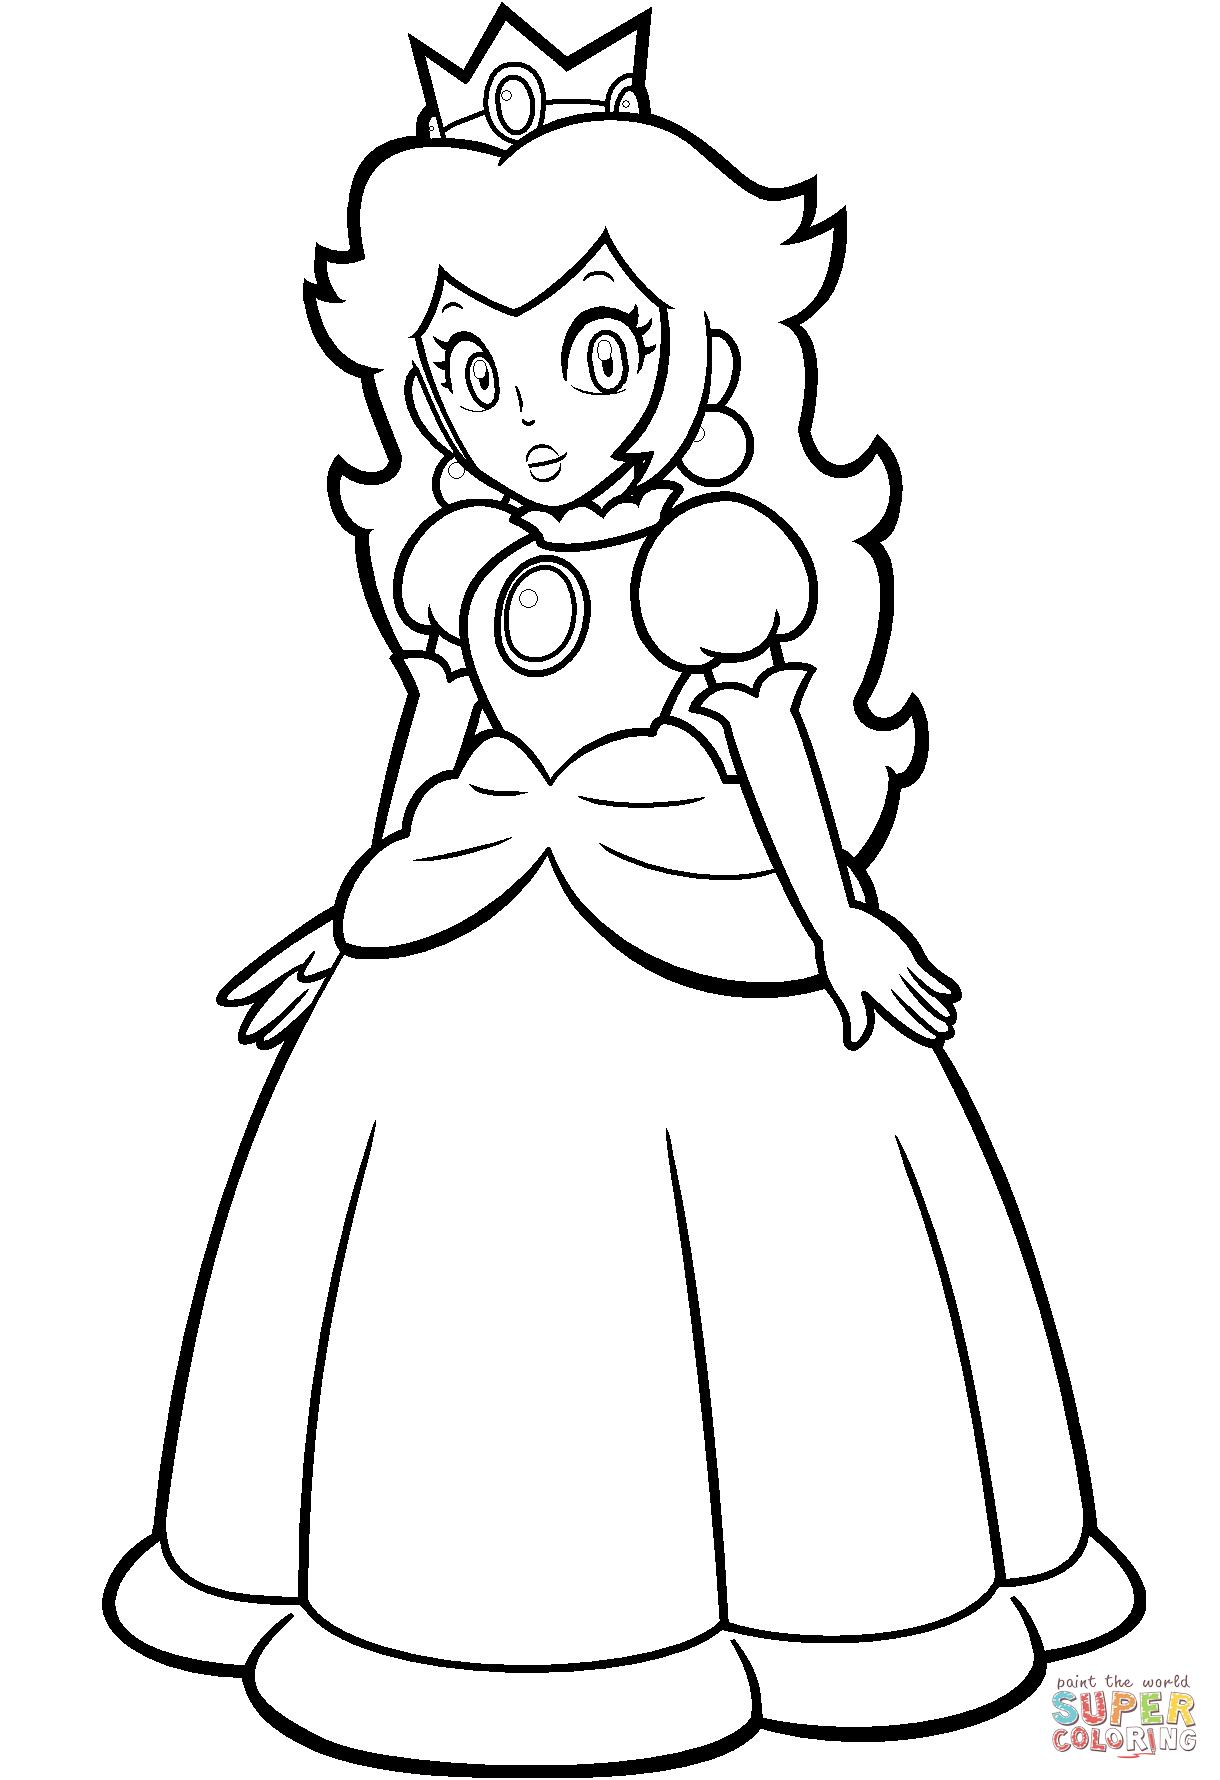 Mario Princess Peach Coloring Page